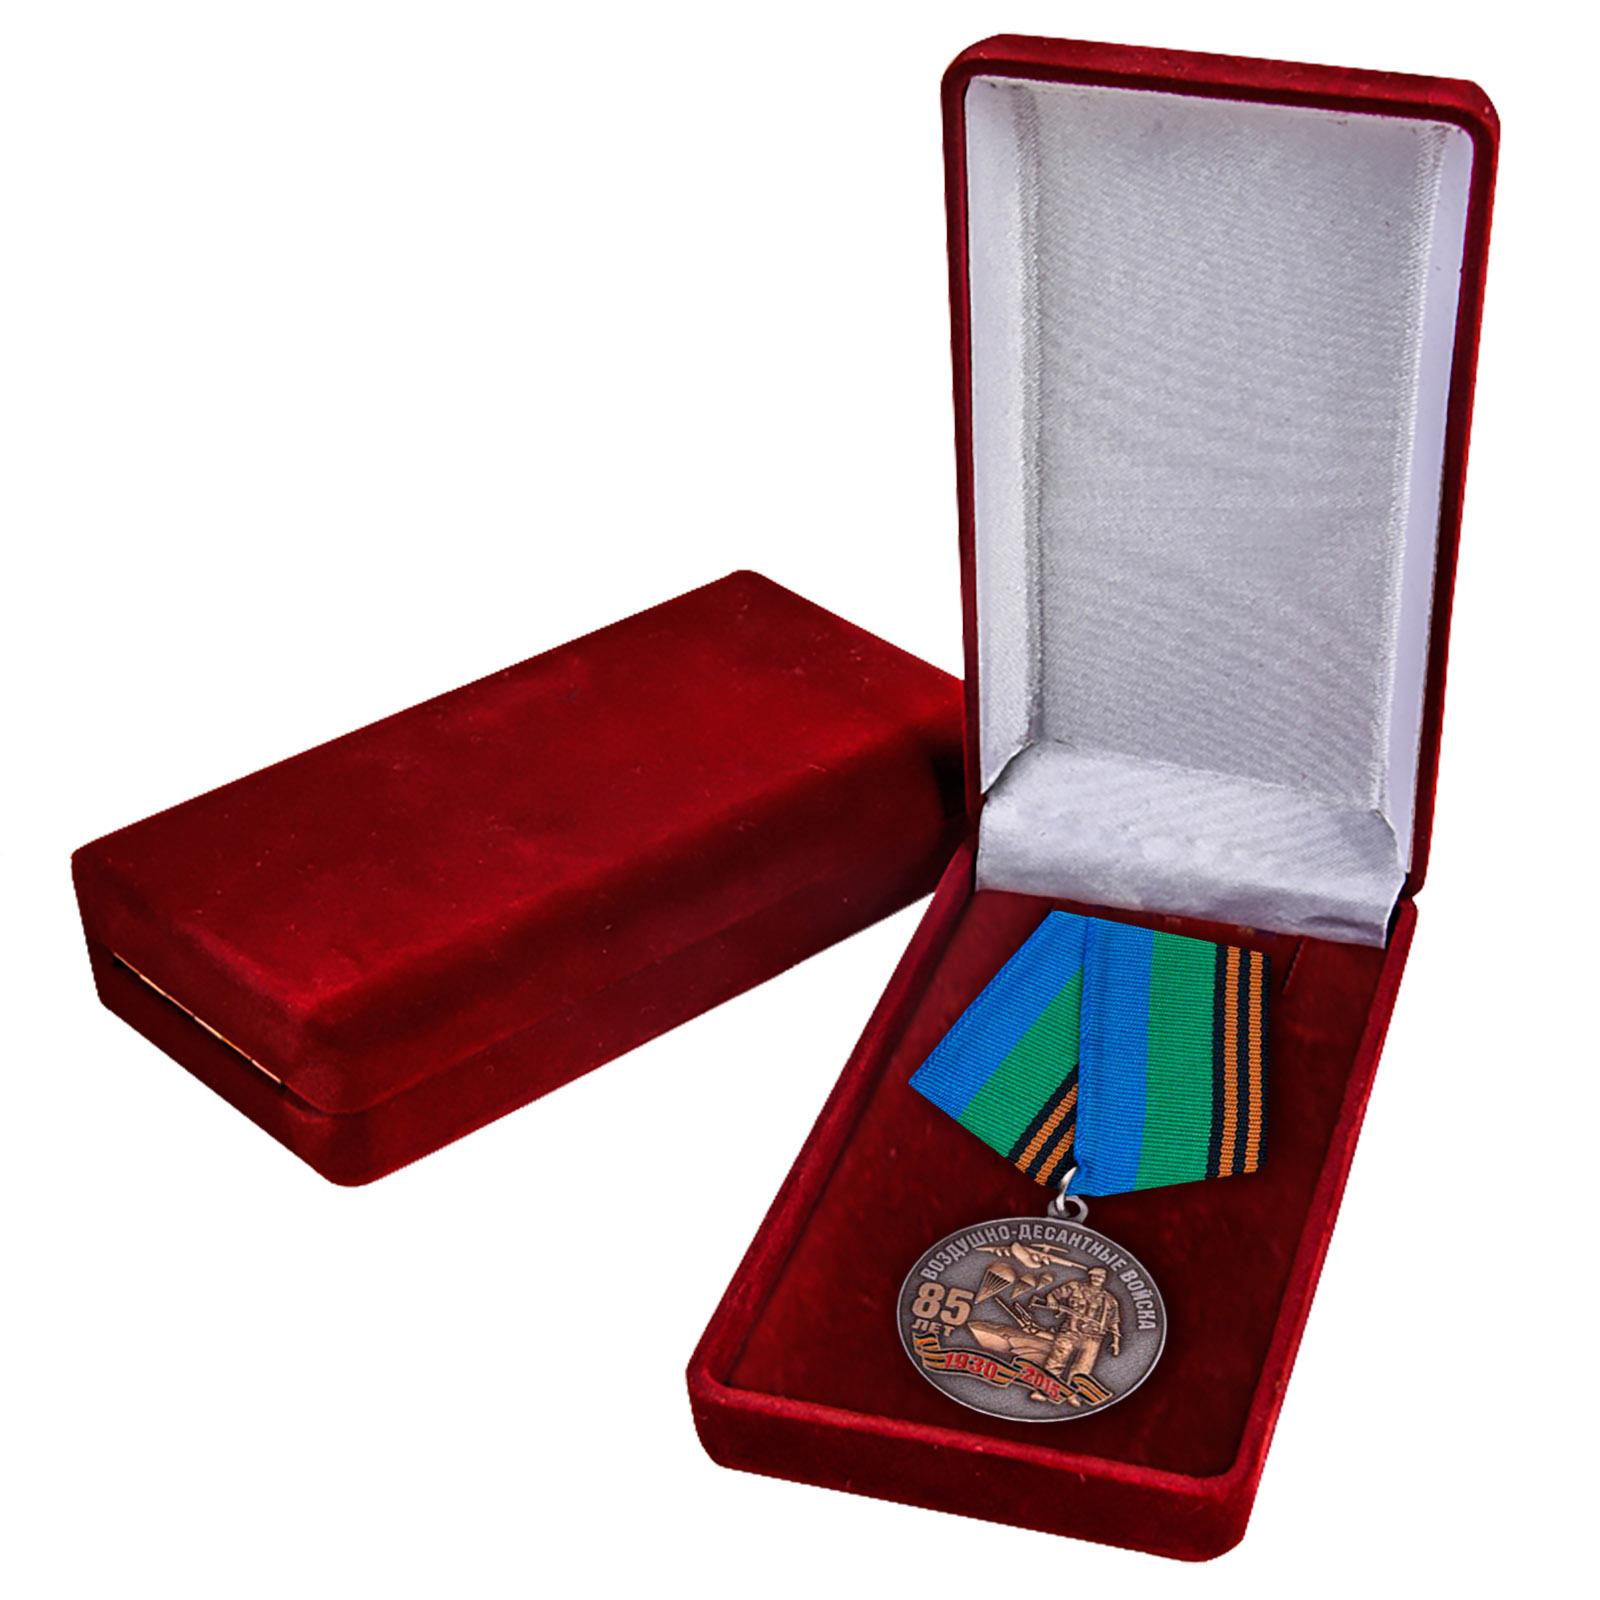 Юбилейная медаль 85 лет ВДВ